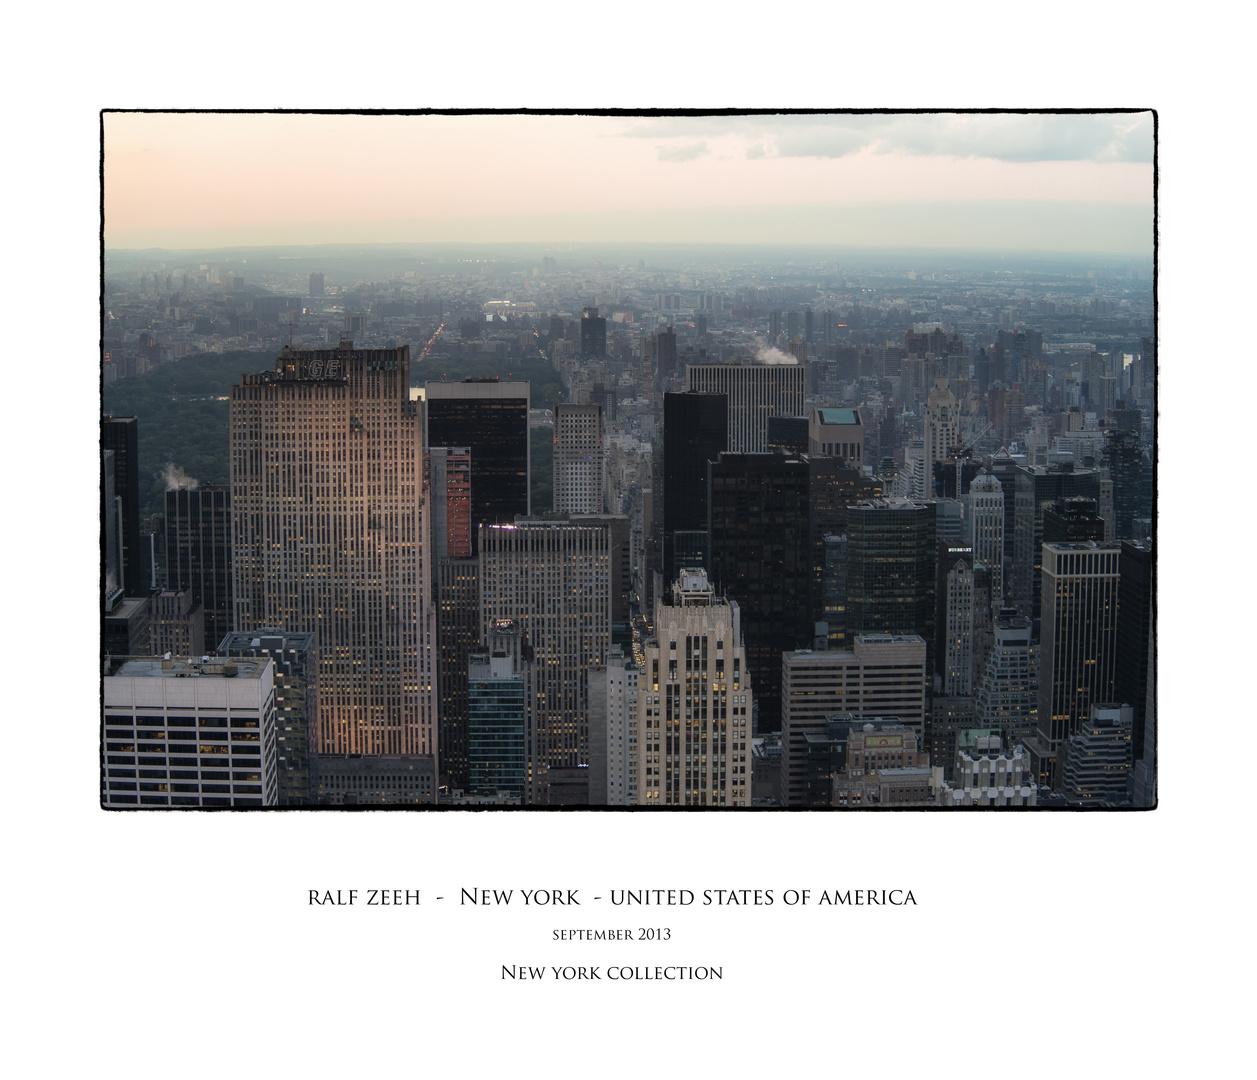 vom Empire State Building aus gemacht no.7